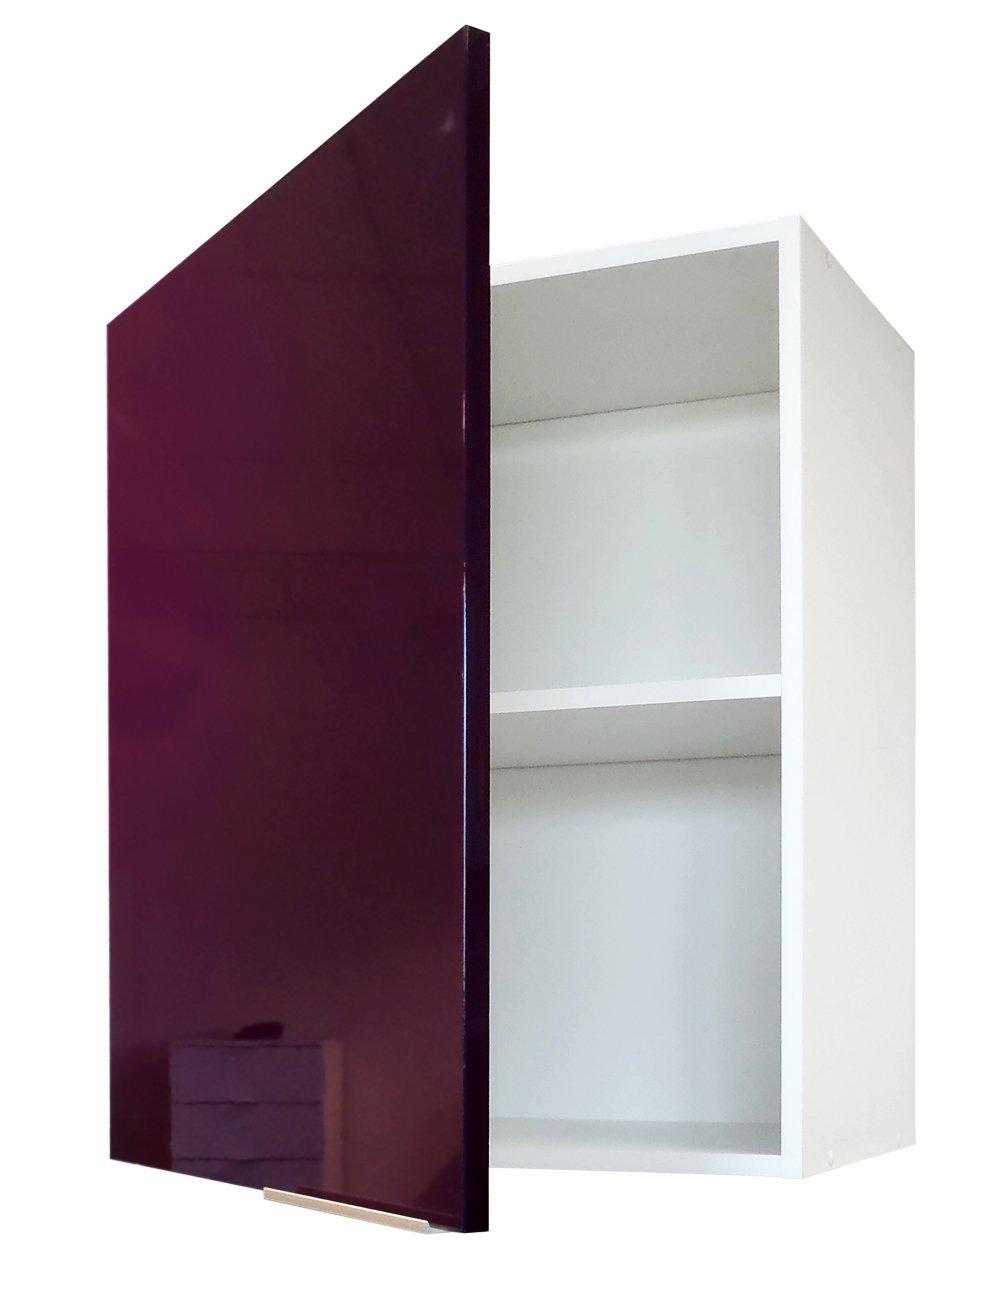 Berlenus CP8HA - Mueble Alto de Cocina (1 Puerta, 60 cm), Color Berenjena Brillante